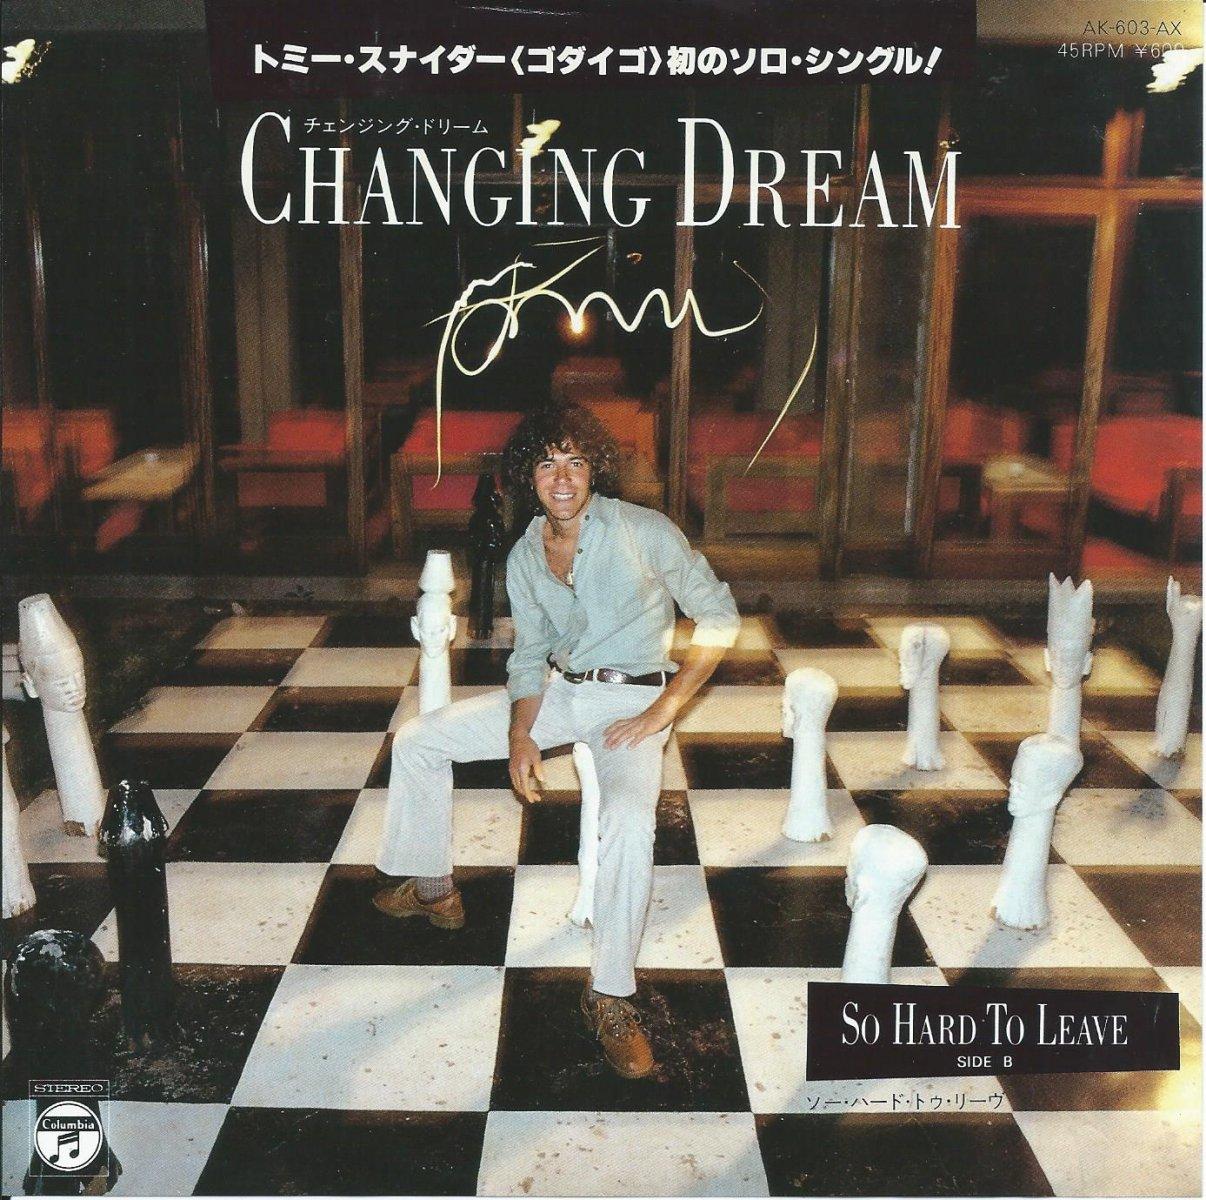 トミー・スナイダー(TOMMY SNYDER) / チェンジング・ドリーム CHANGING DREAM (7